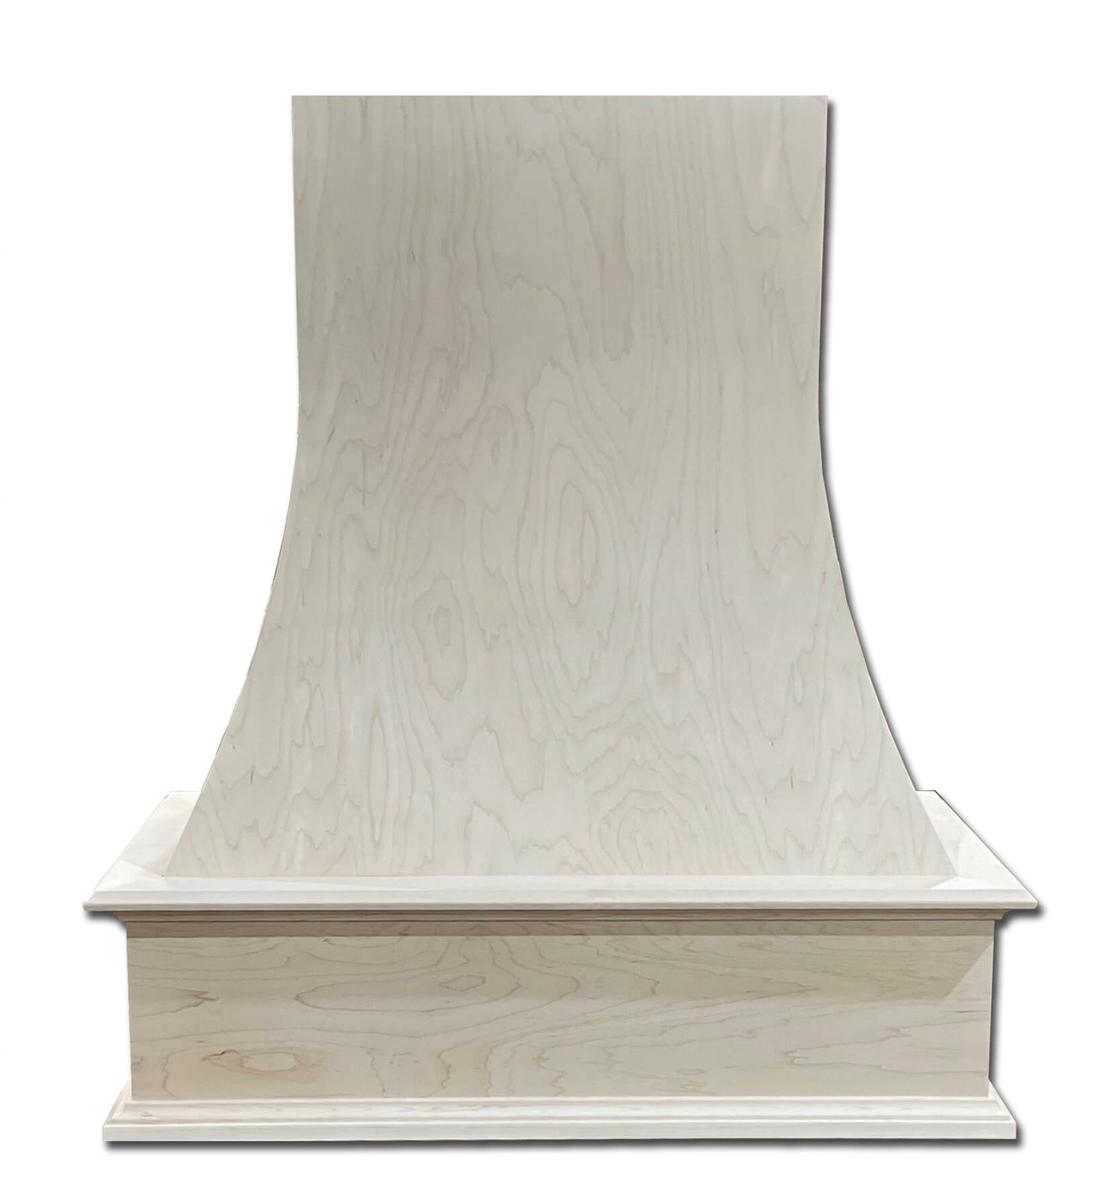 castlewood sy wcvh curved epicurean chimney range hood remodel market